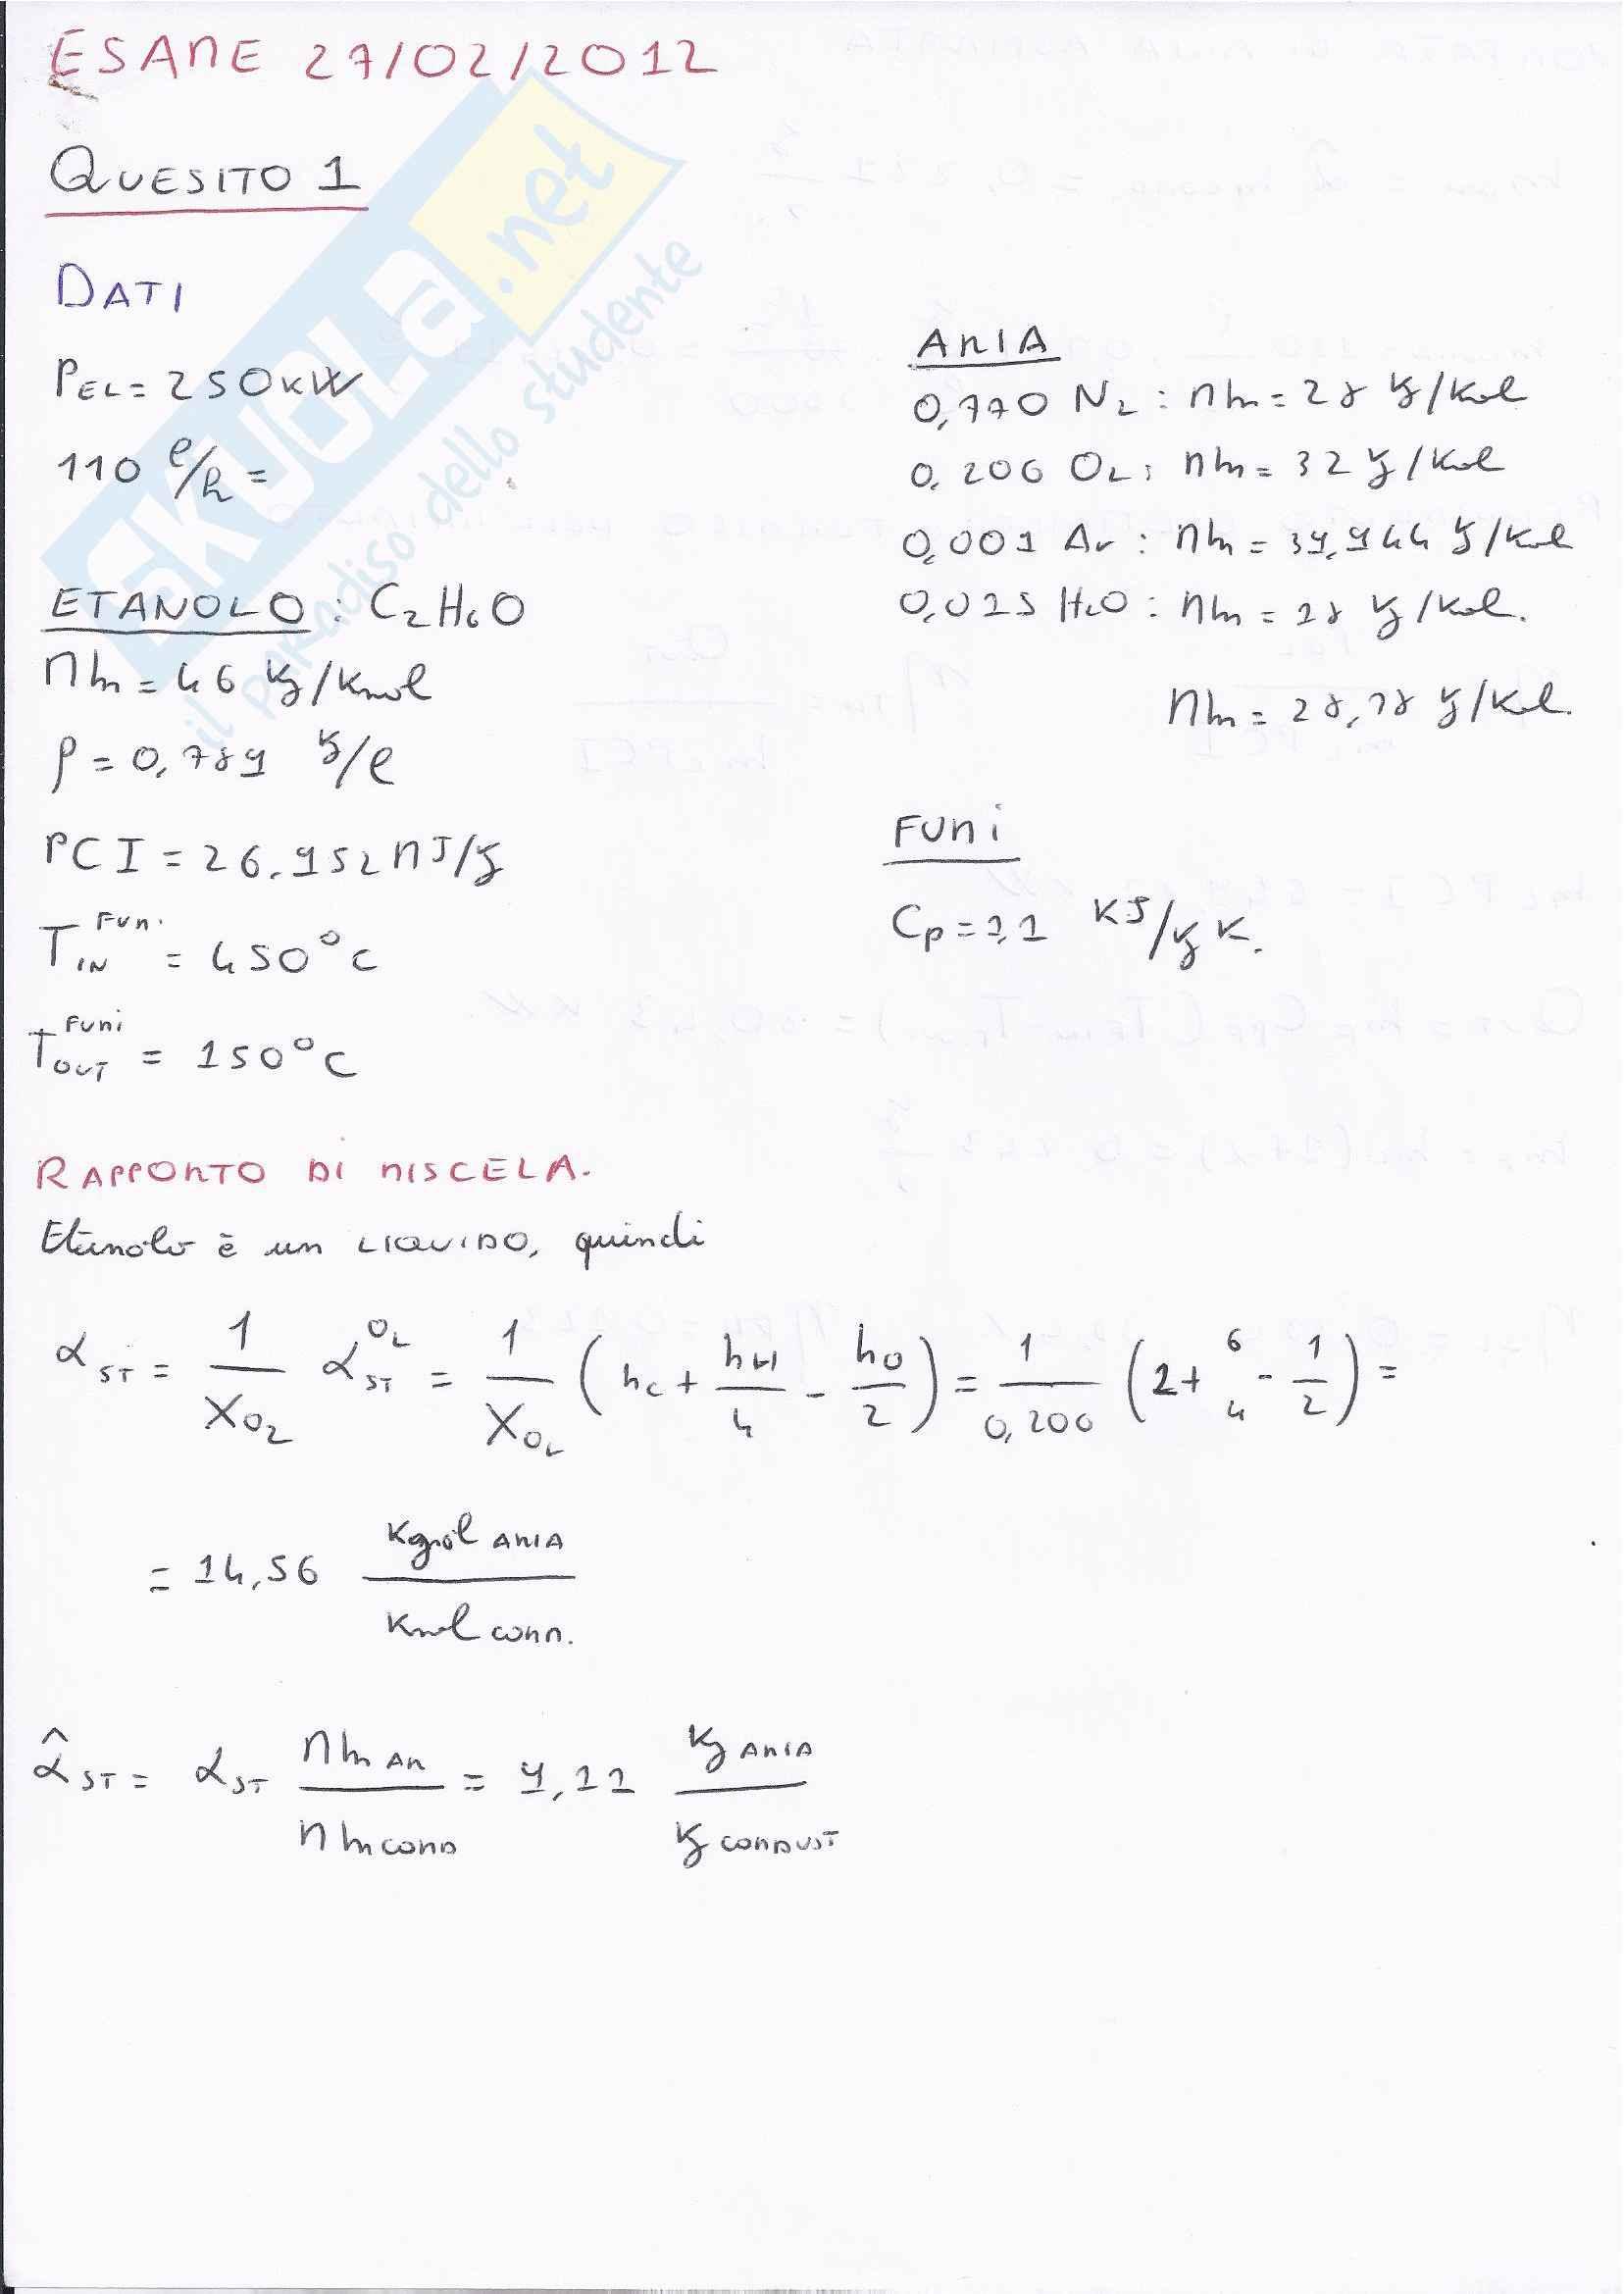 Sistemi energetici  - esame svolto fine settembre 2012